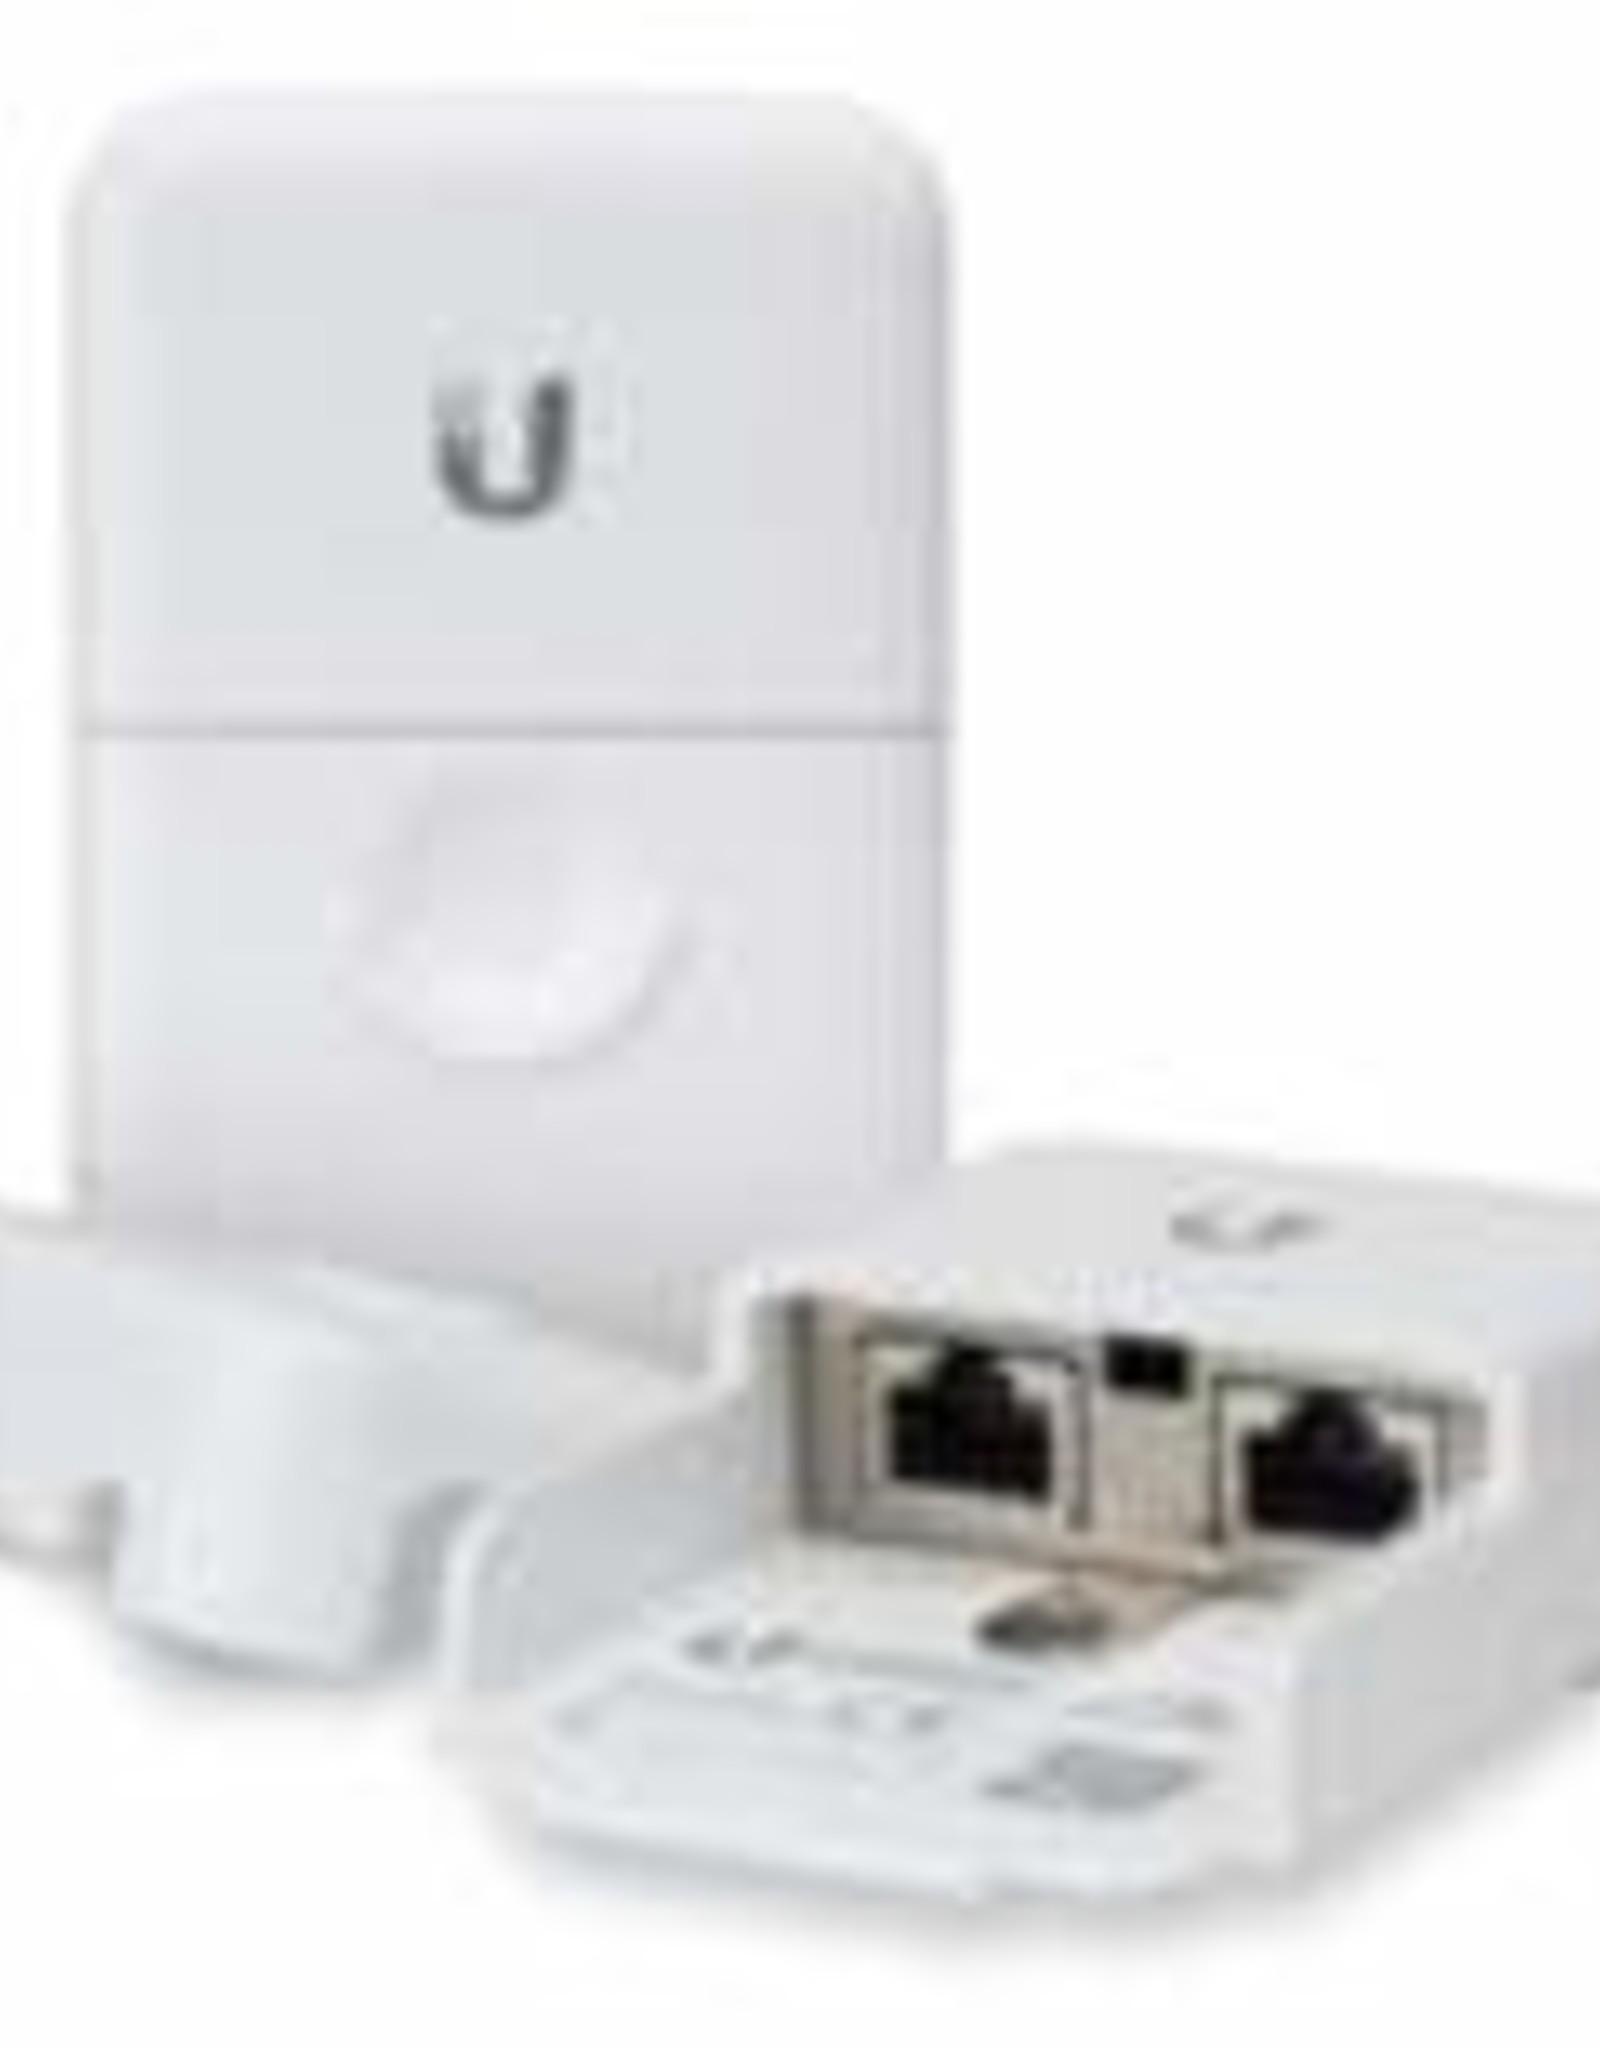 Networks ETH-SP-G2 Overspanningsbeveiliging Wit